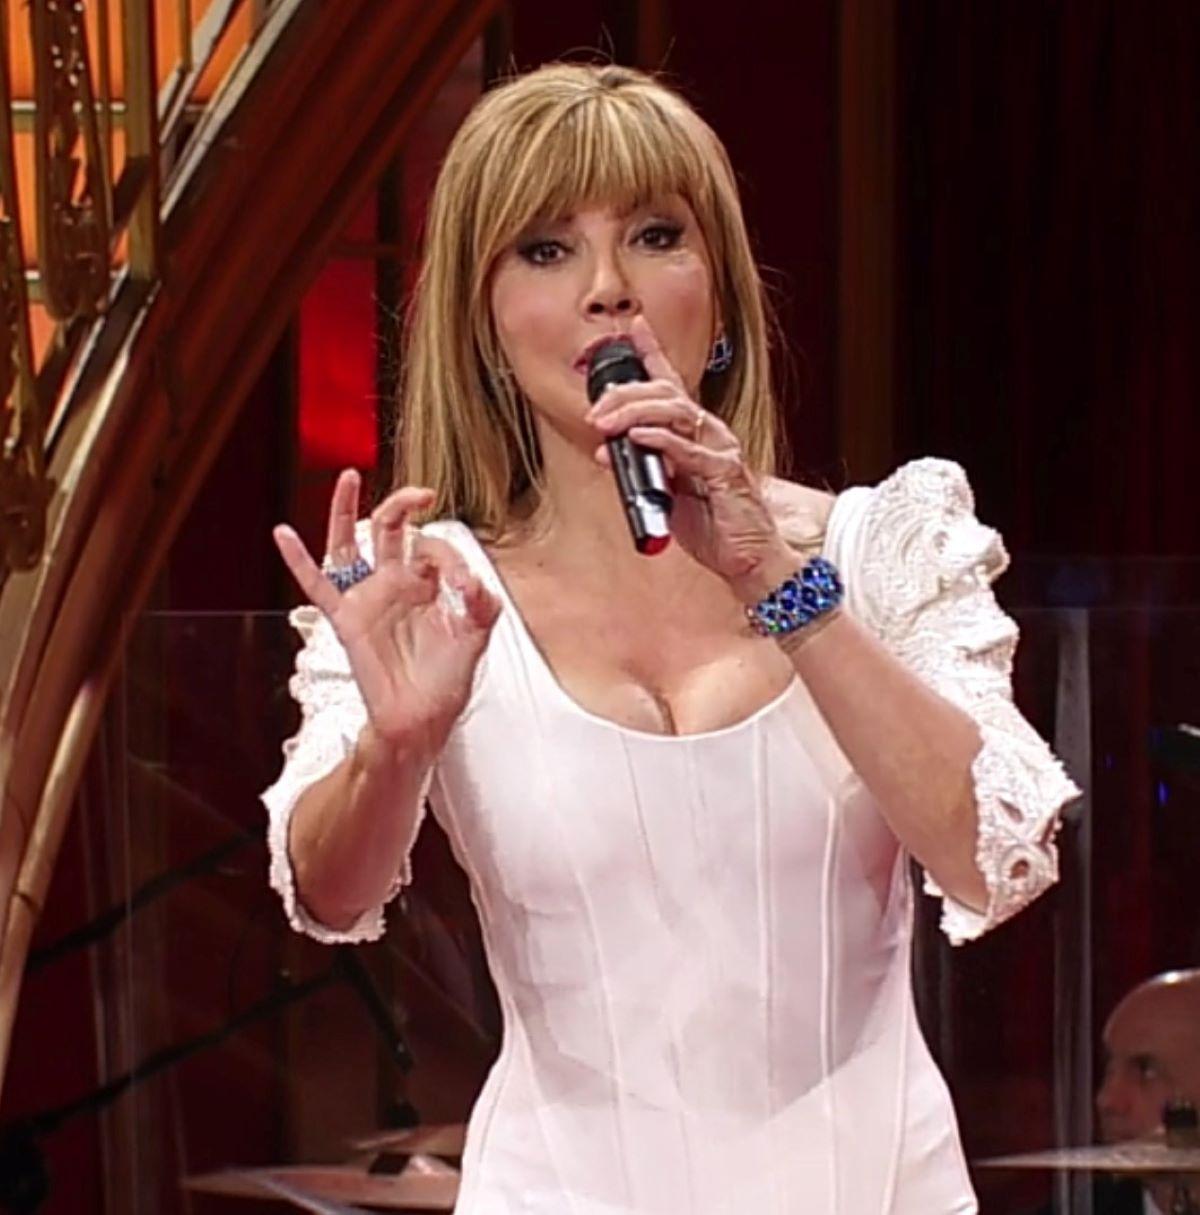 Milly Carlucci Ballando con le stelle Critiche Coppie Cast